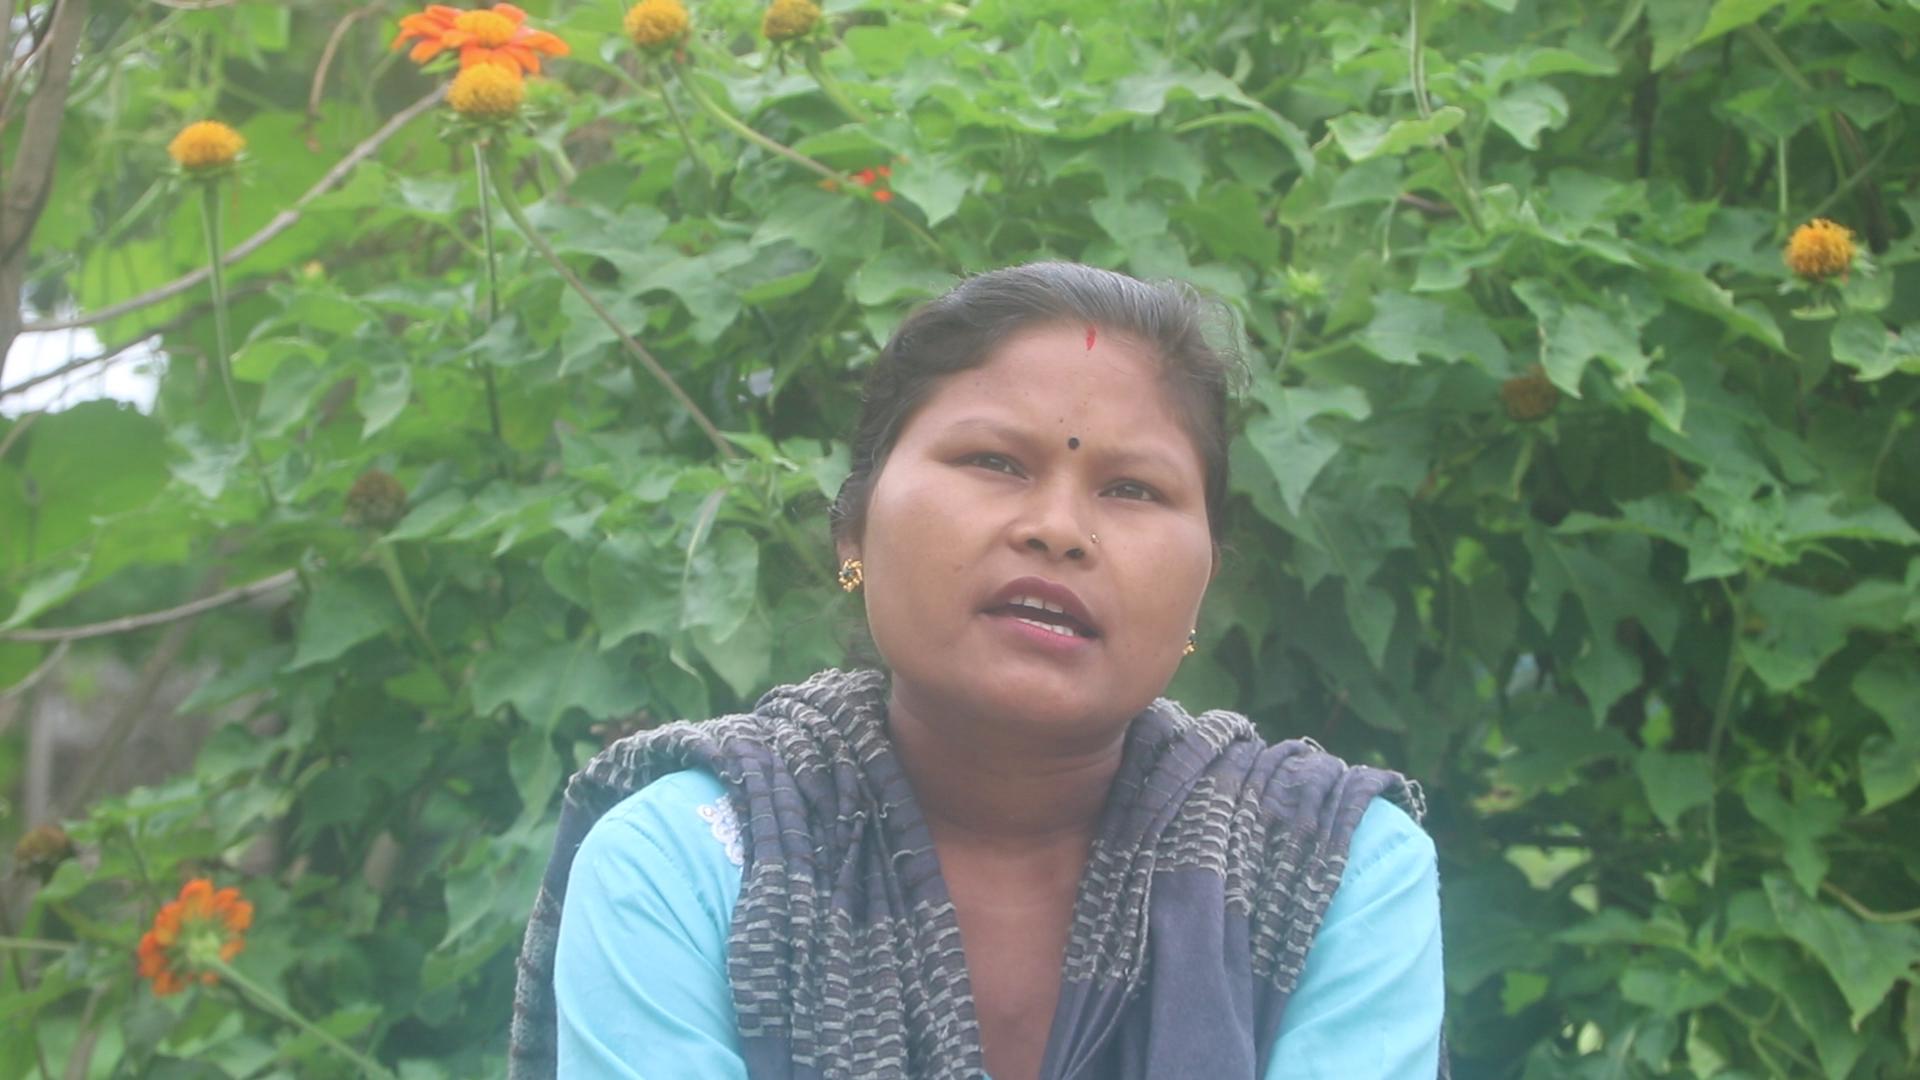 नब गायिका सत्यवति रानाके अवाजमे तिजकि मिठी गित